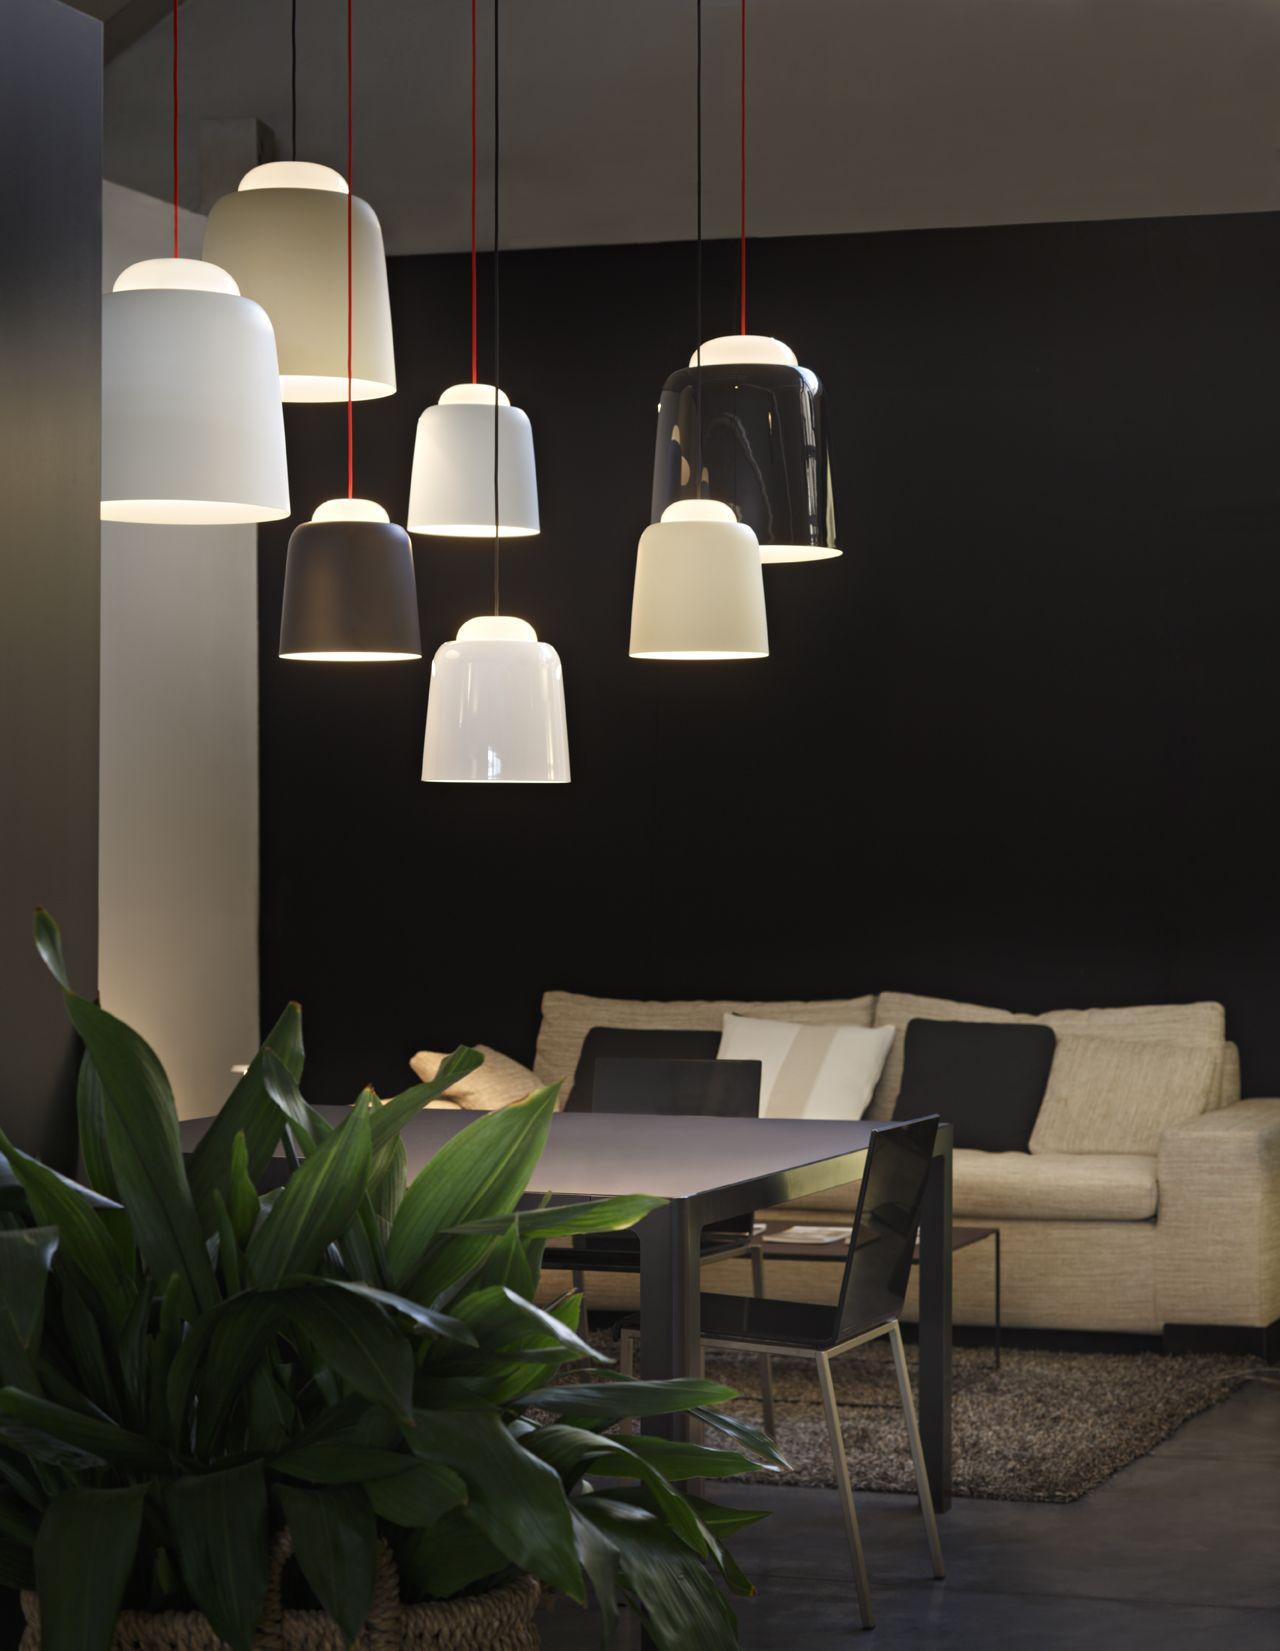 Prandina illuminazione design lampade moderne lampade da for Lampade da parete moderne